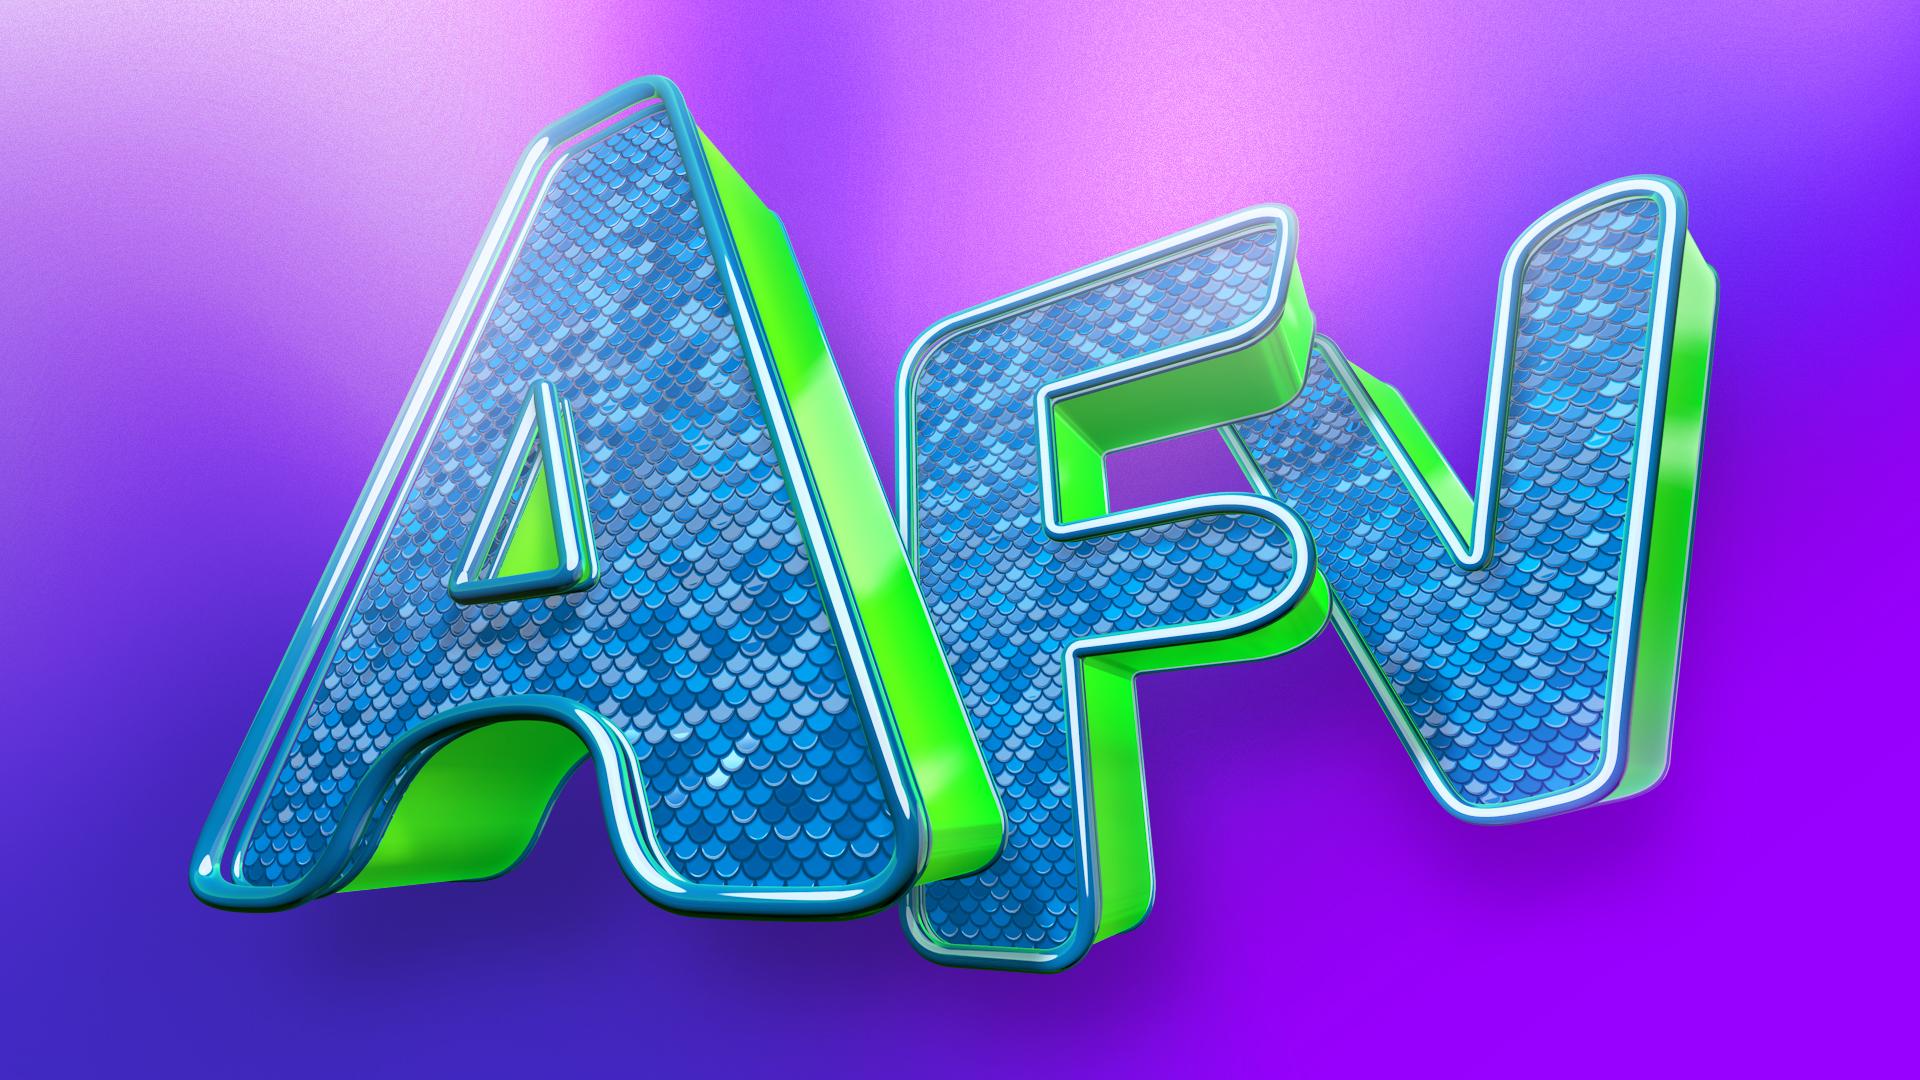 AFV_logo_open_02_04.jpg